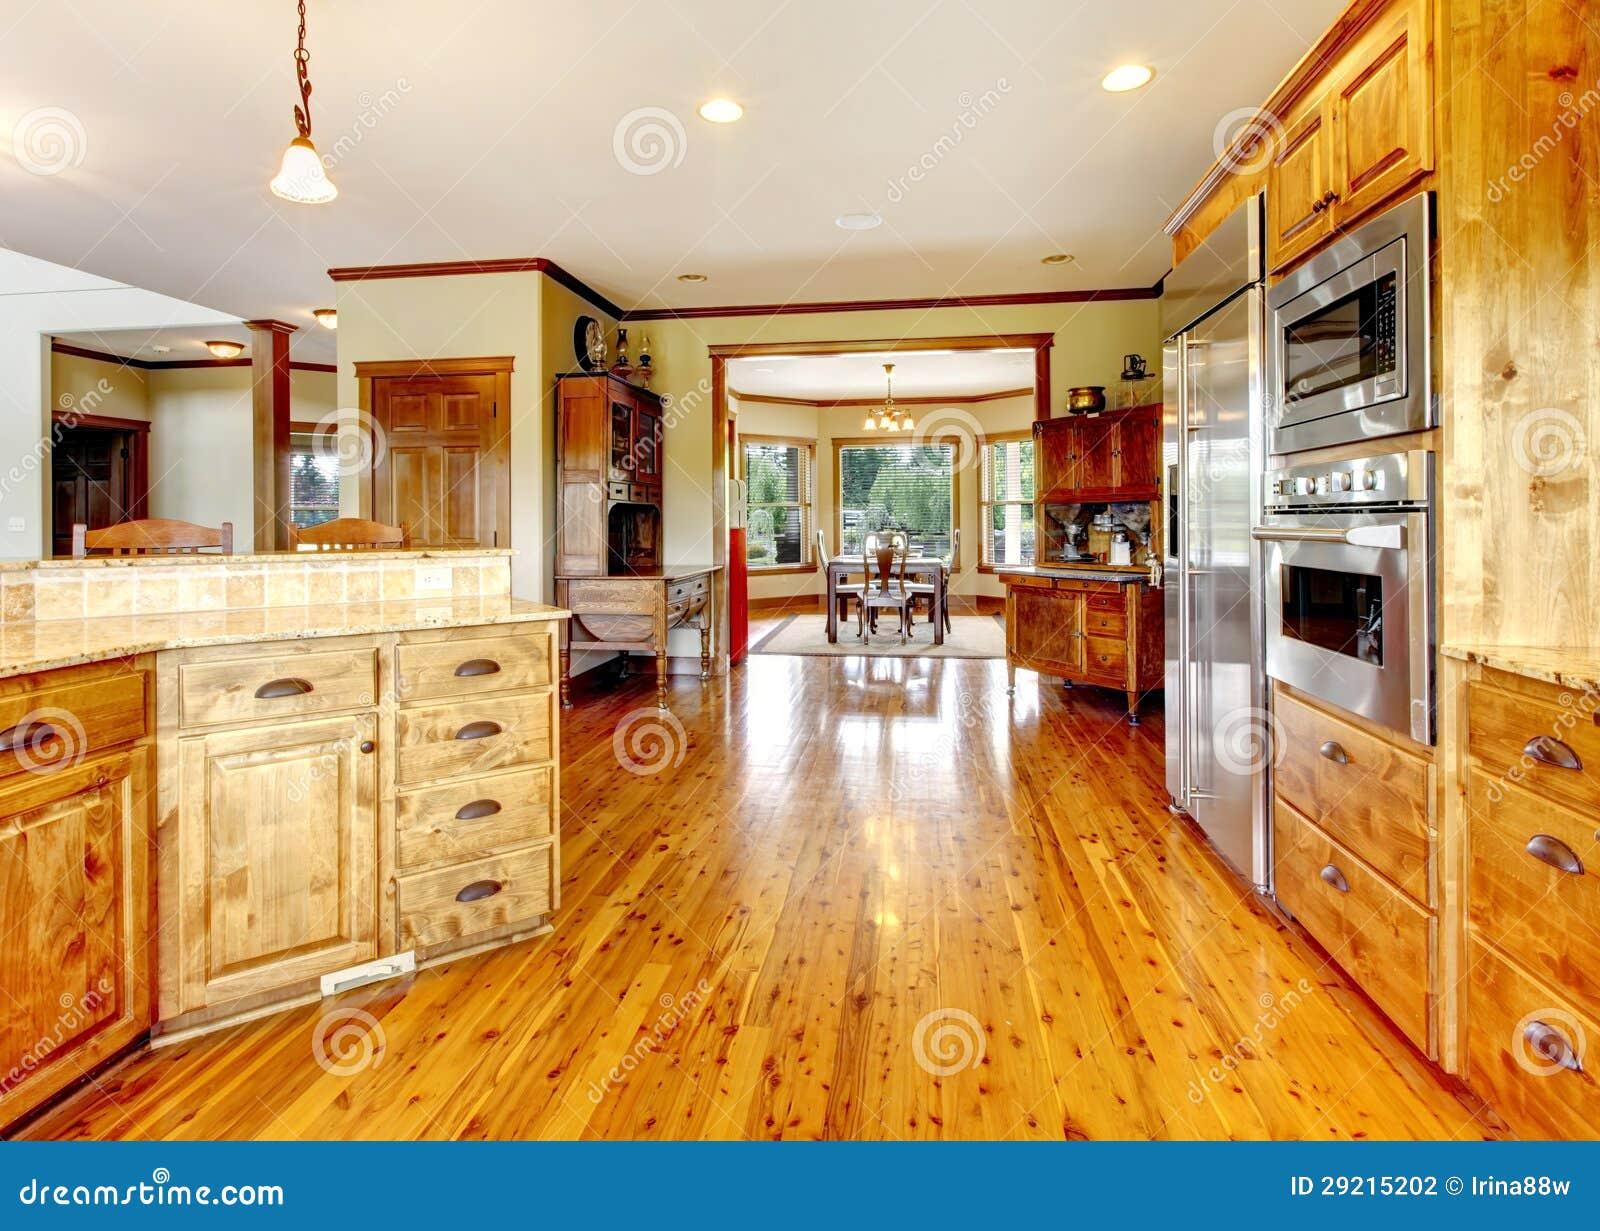 Int rieur la maison de luxe en bois de cuisine maison neuve d 39 am ricain de ferme - Interieur de maison americaine ...